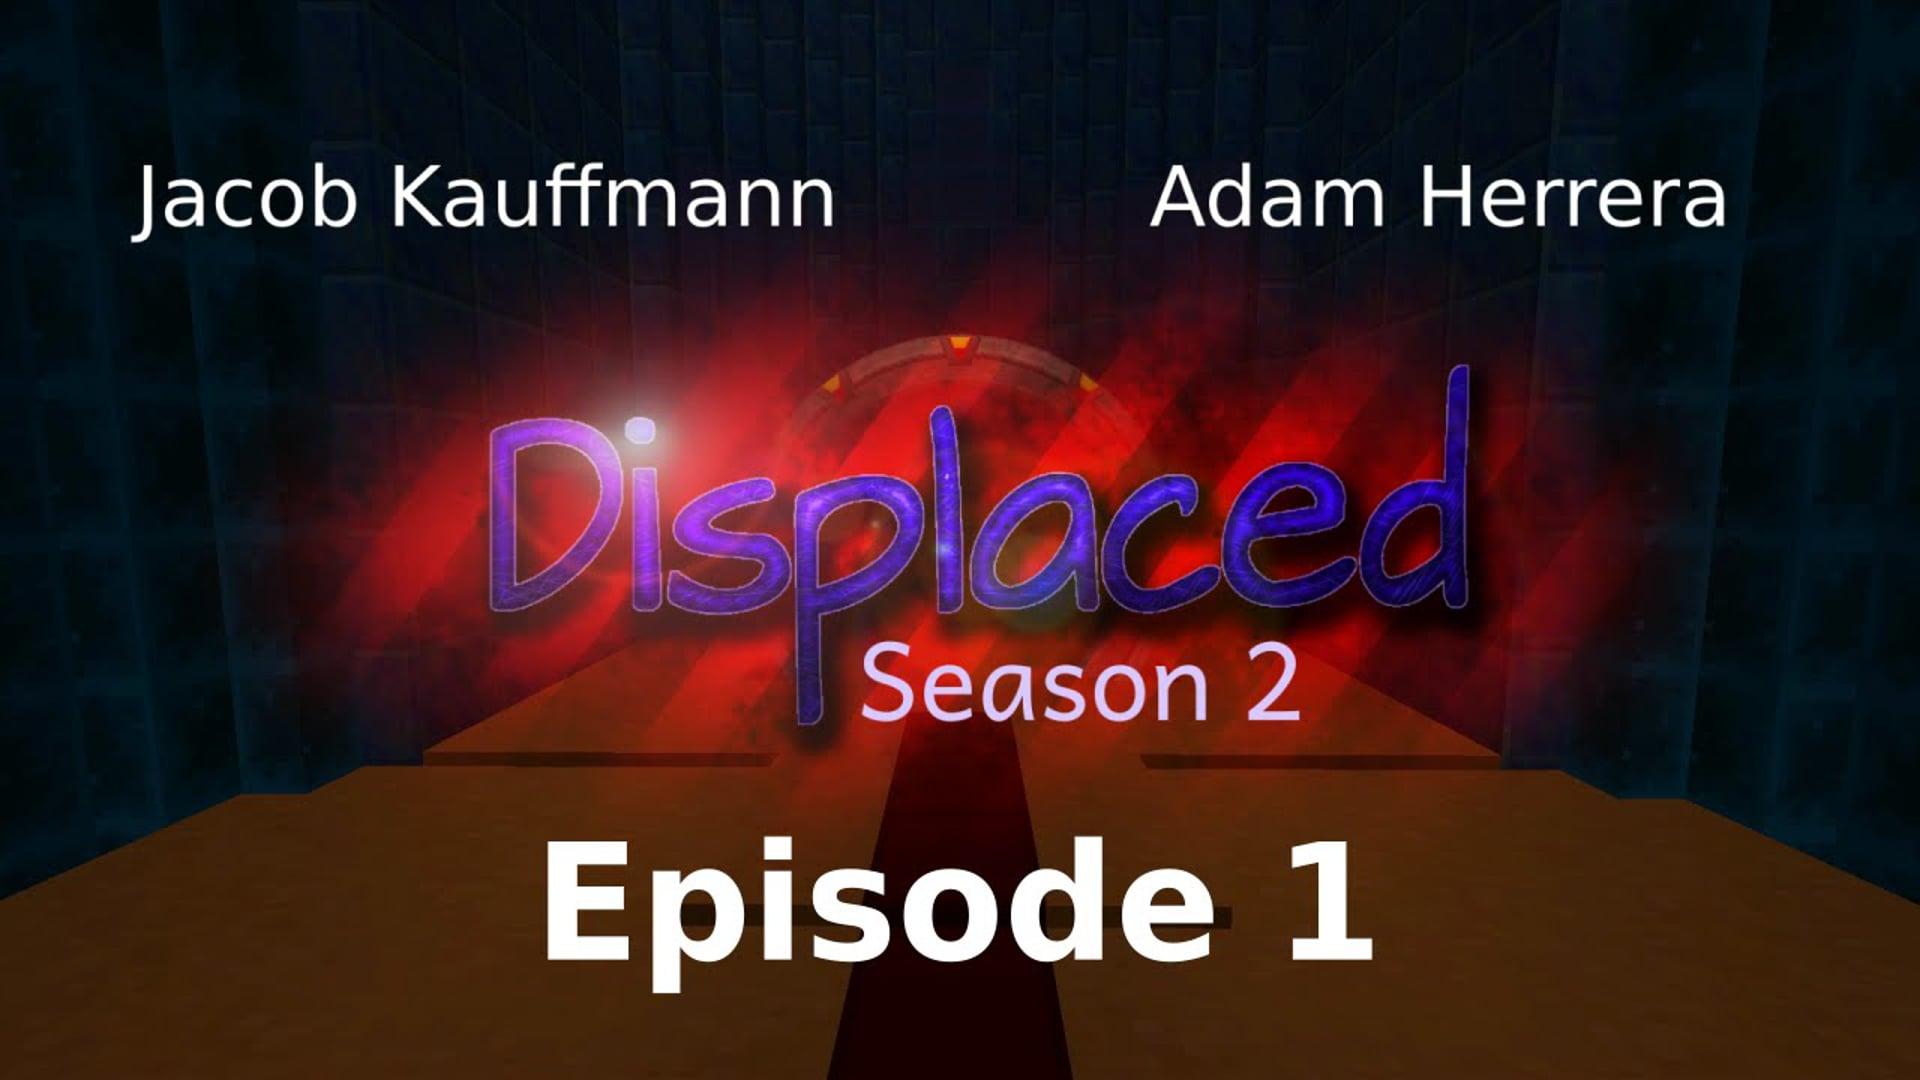 Episode 1 - Displaced: Season 2